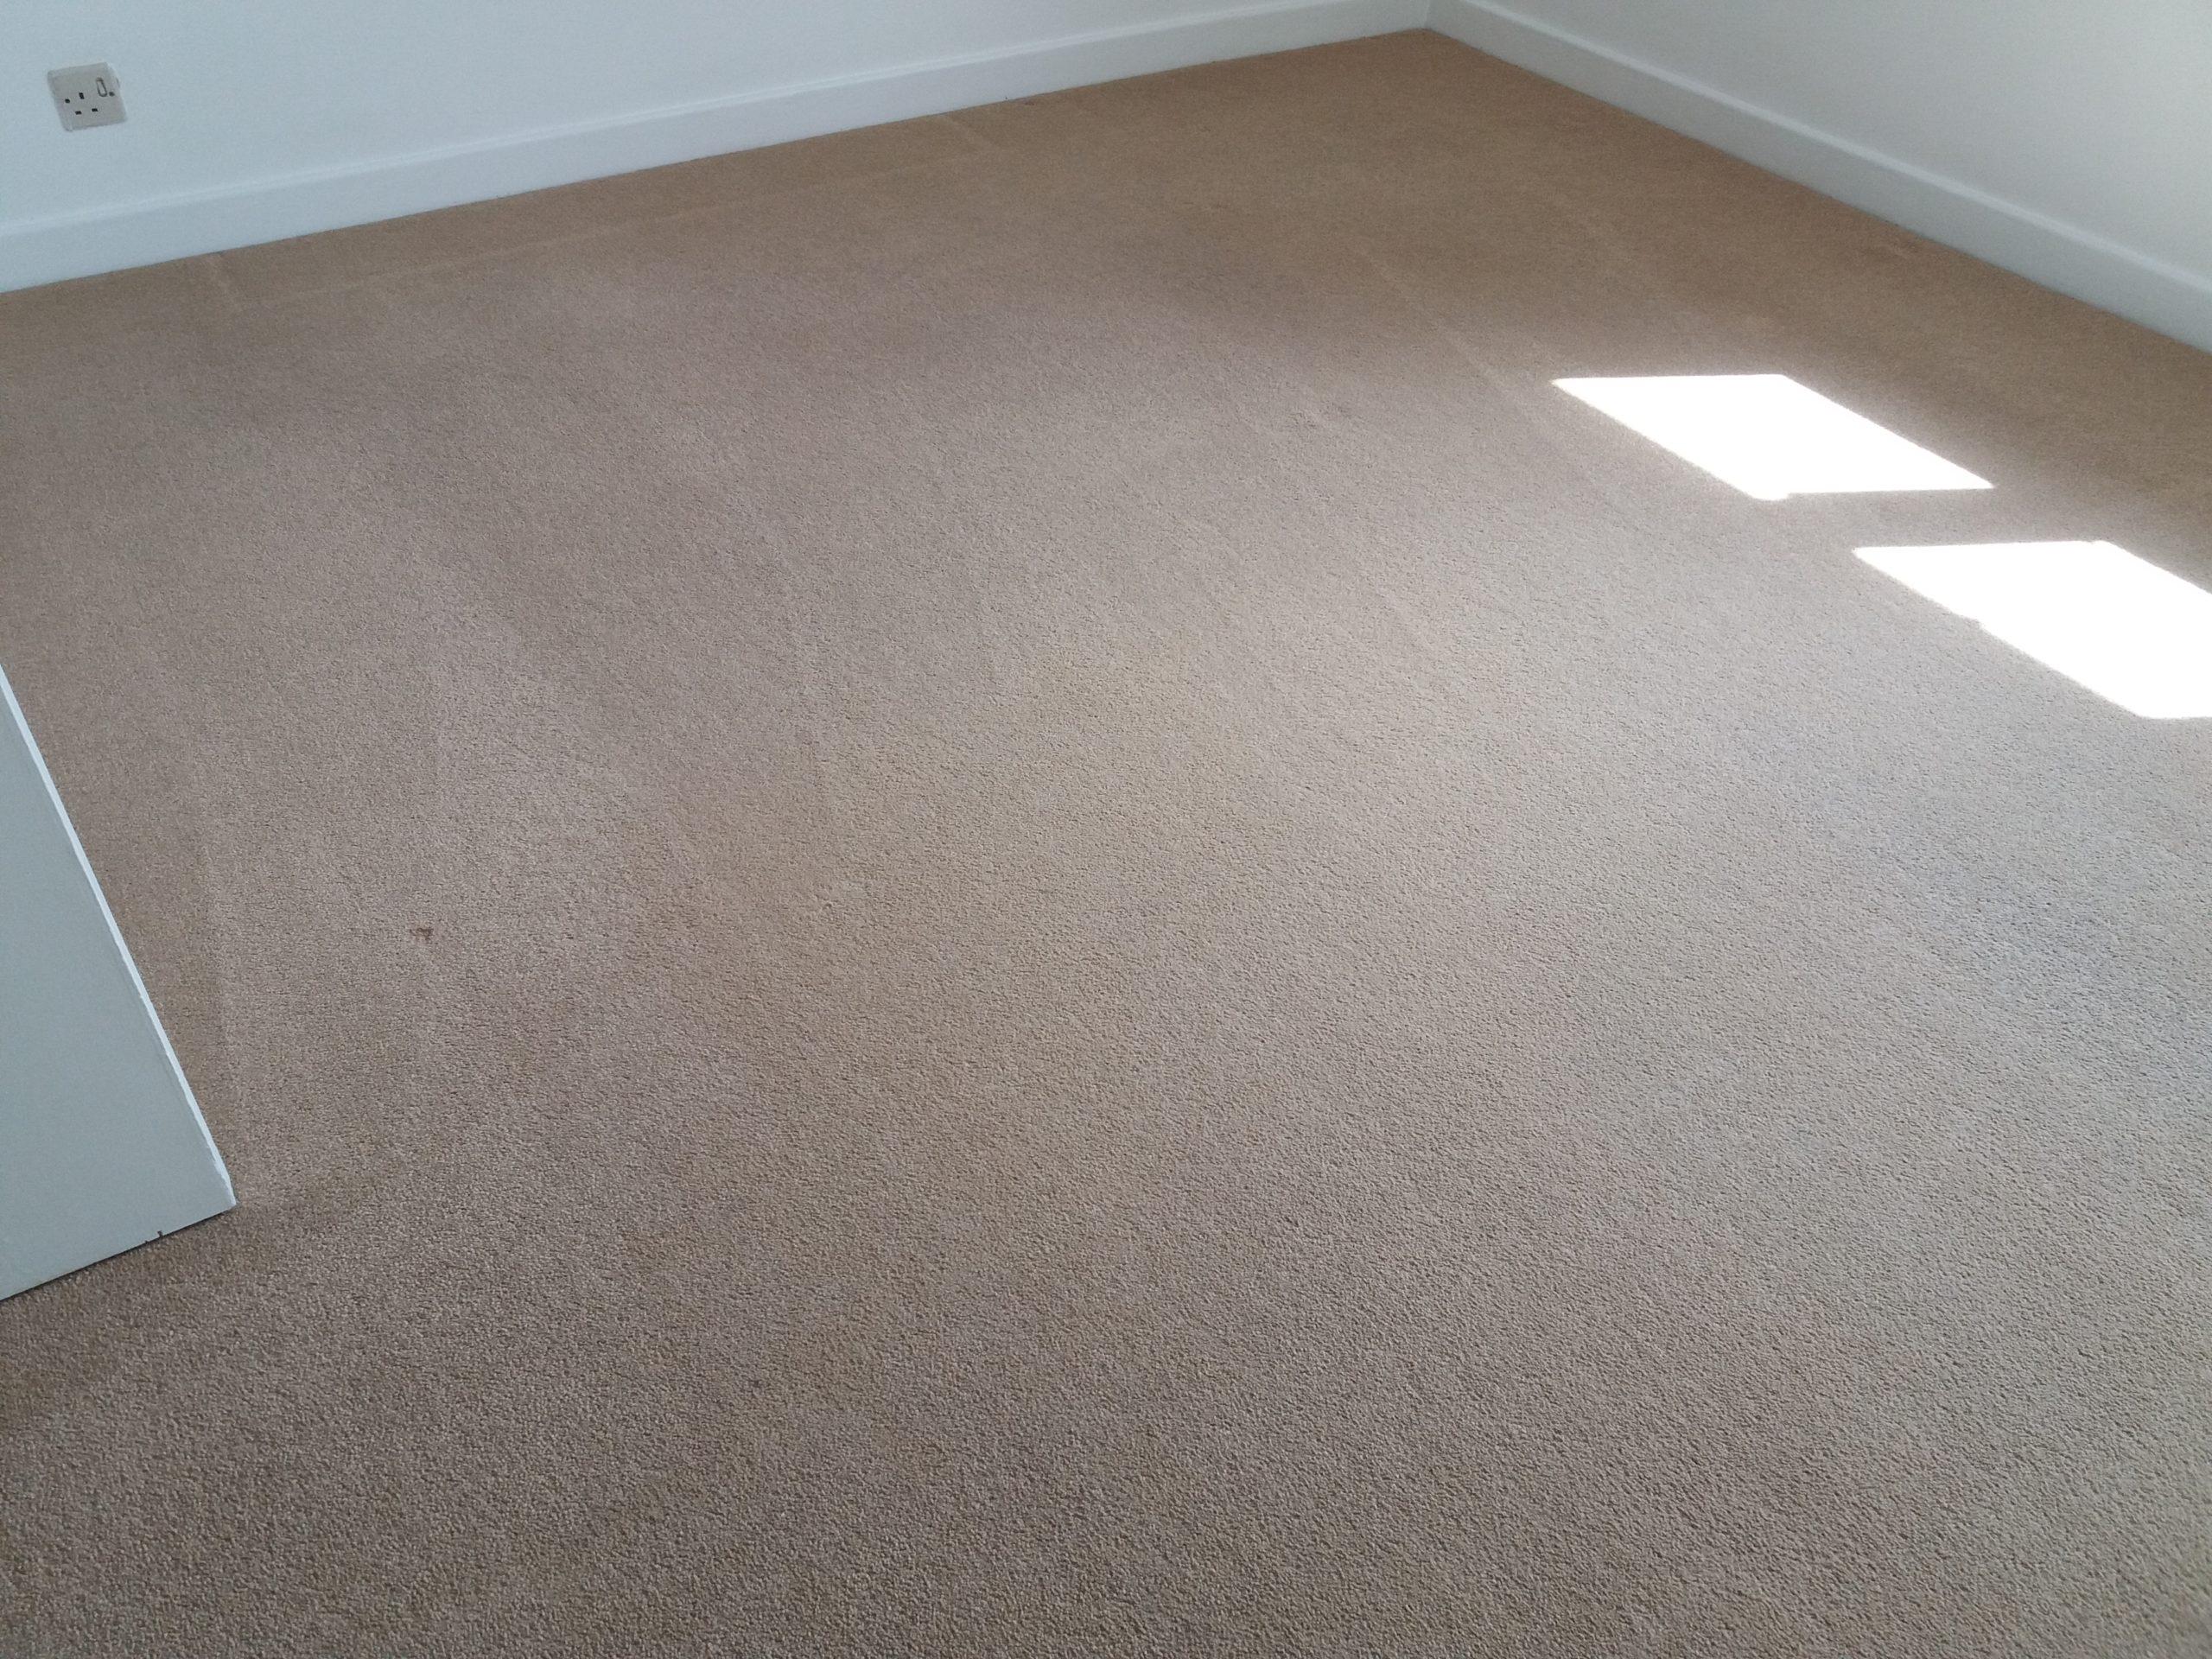 carpet cleaners in adderbury